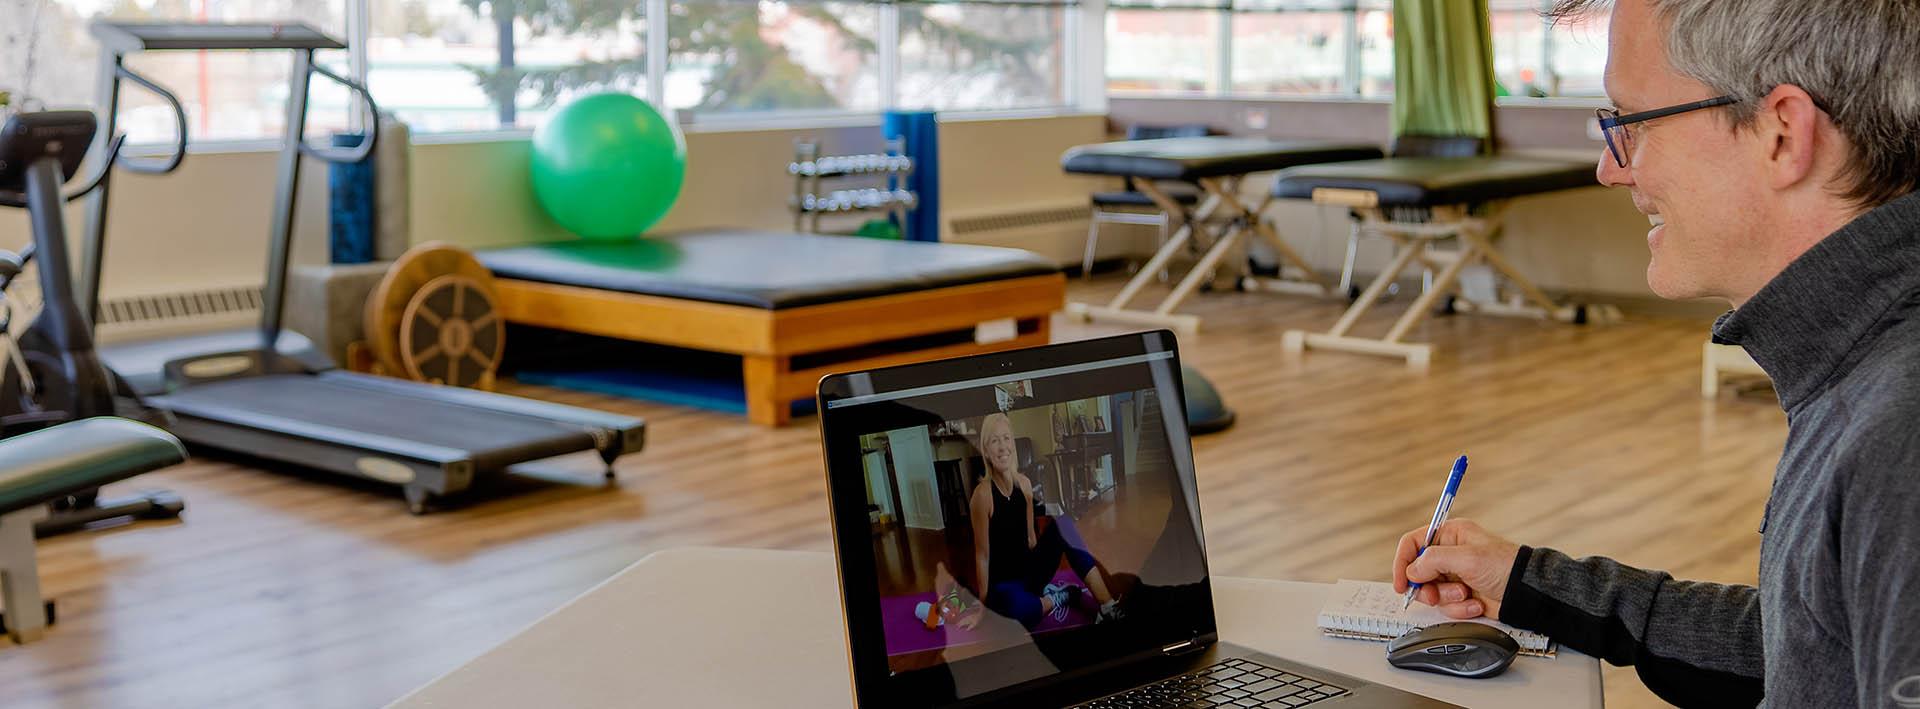 Tawa Physiotherapy Edmonton Tele-Rehabilitation